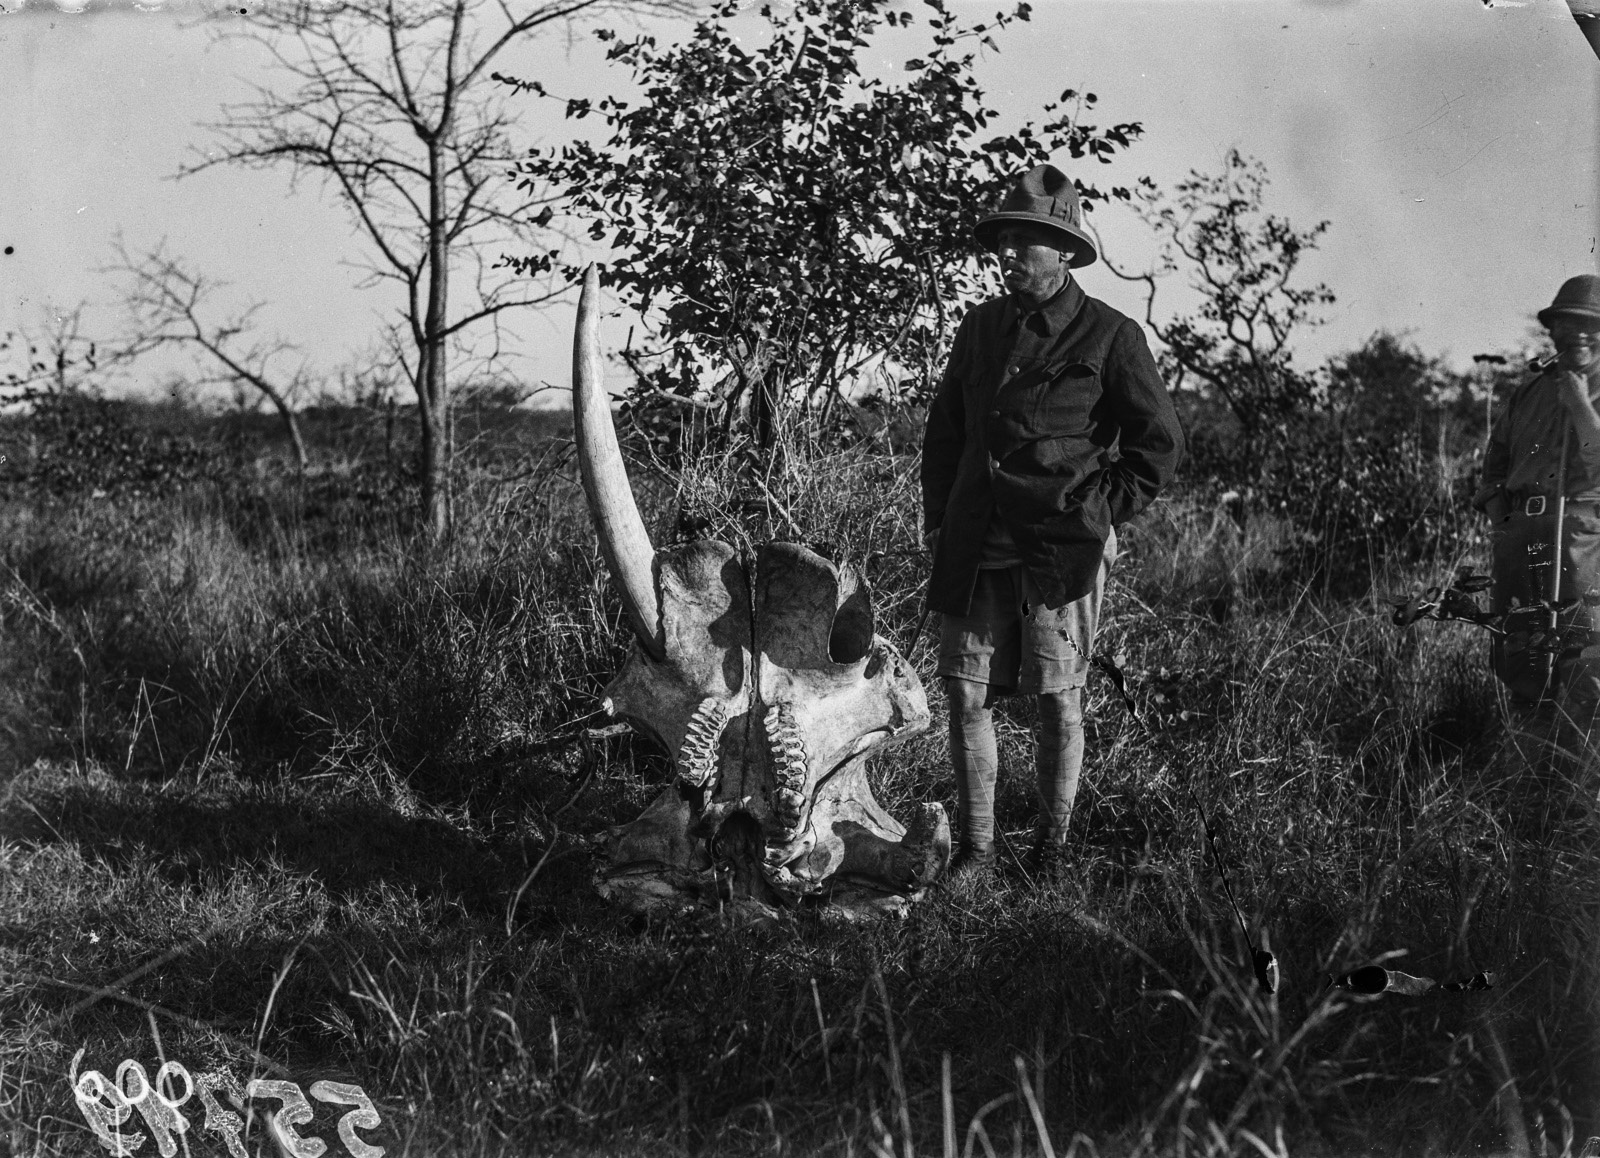 Национальный парк Крюгера. Участник экспедиции рядом с черепом слона. Они бивень уже удален